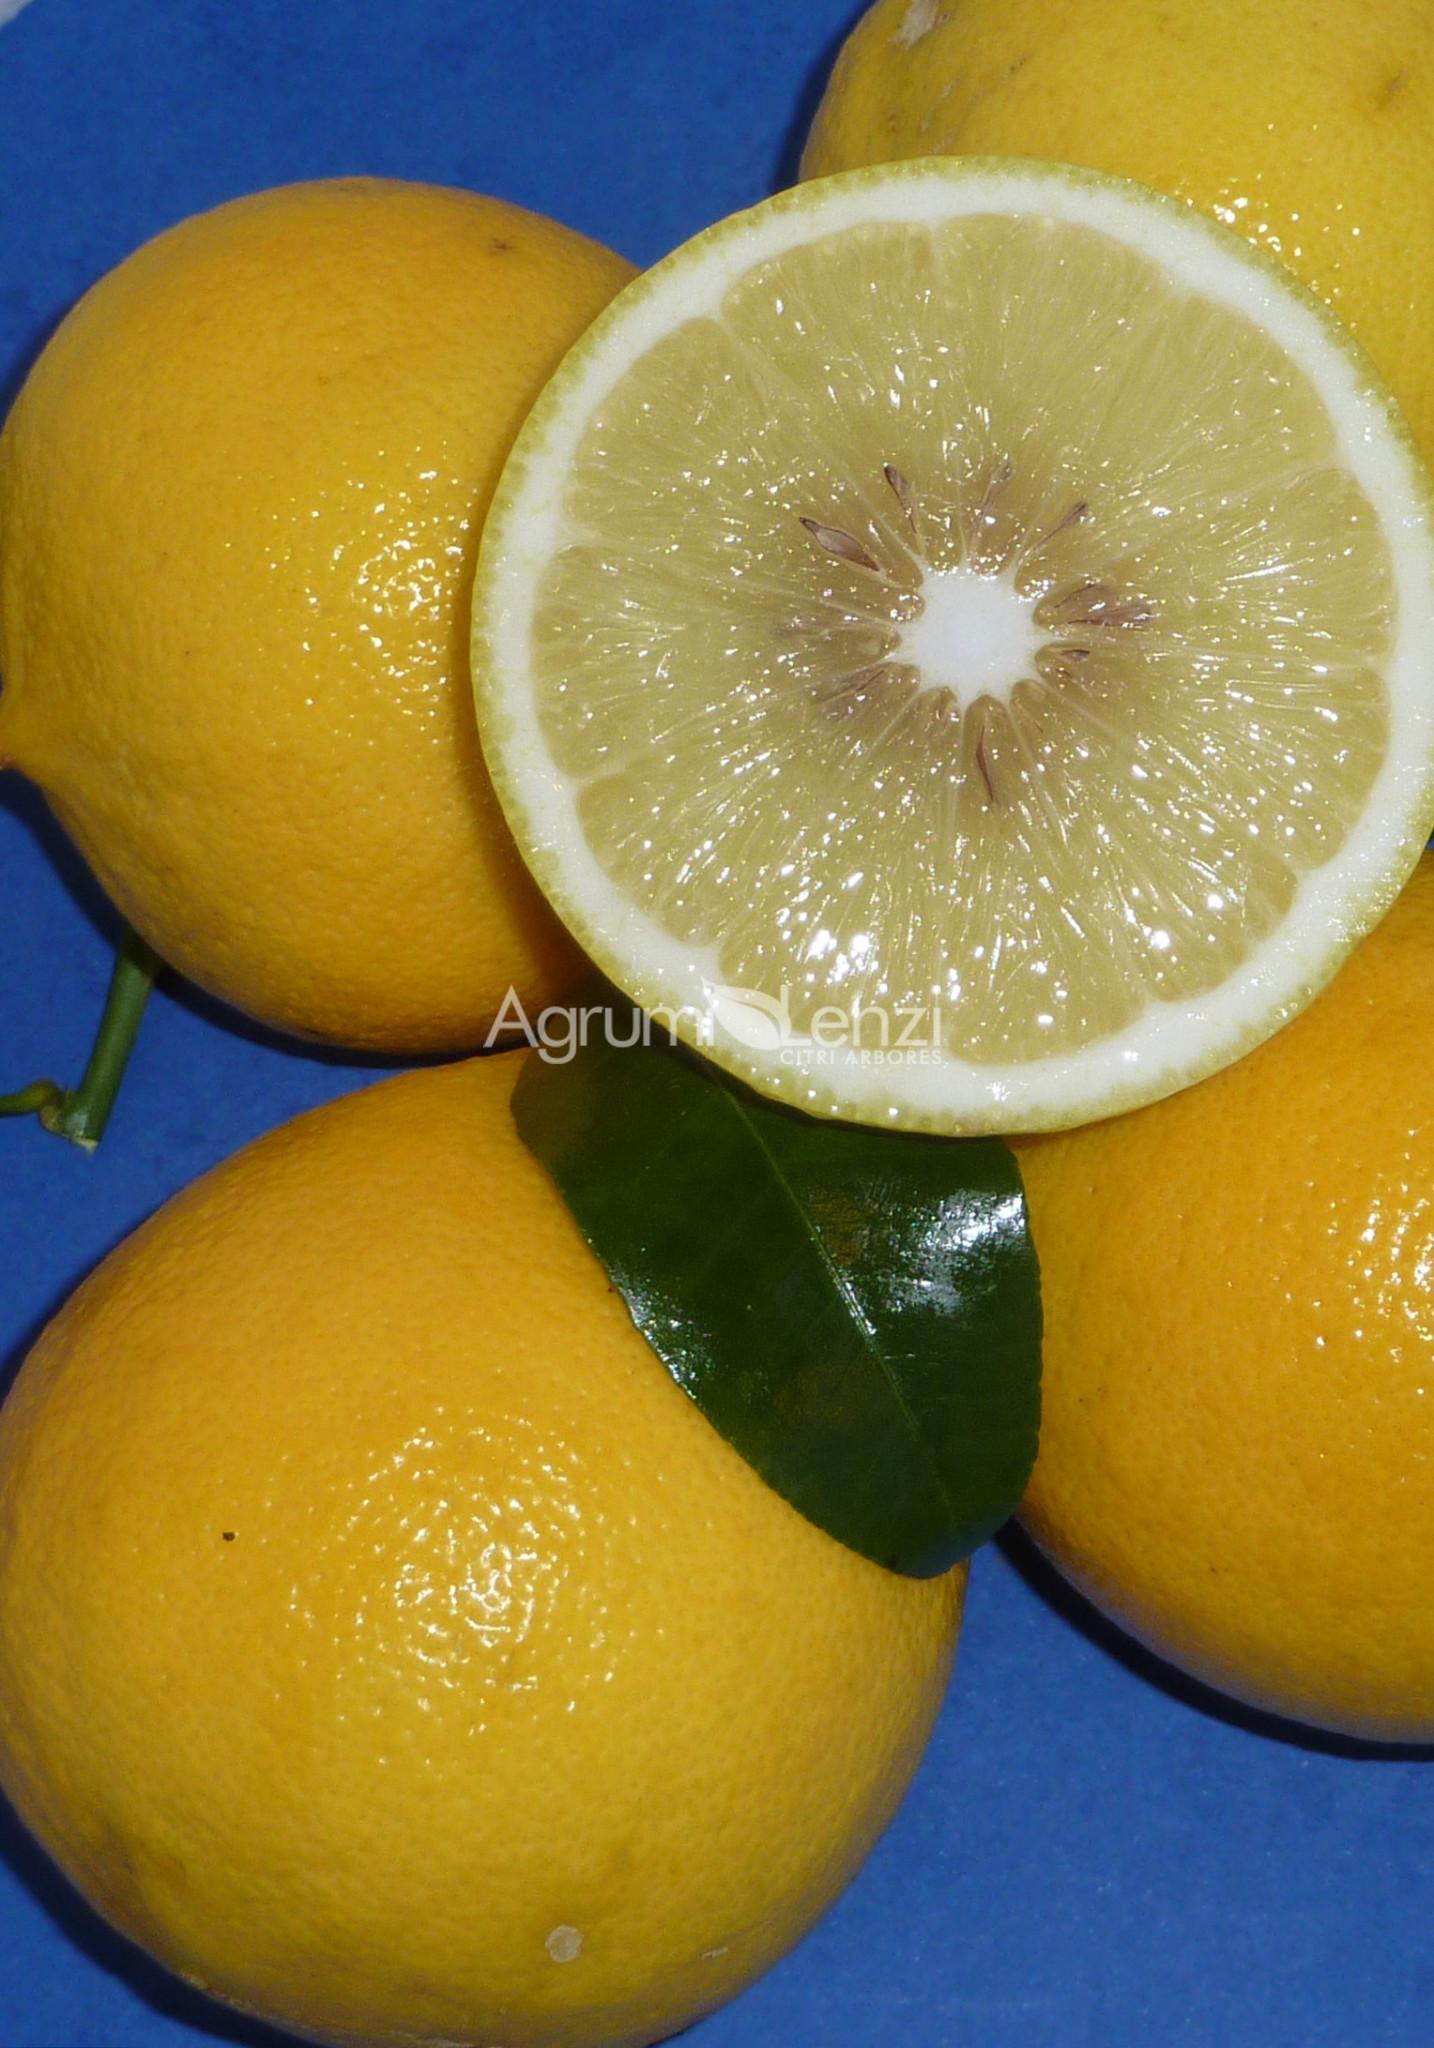 bergamotto castagnaro citrus bergamia agrumi lenzi